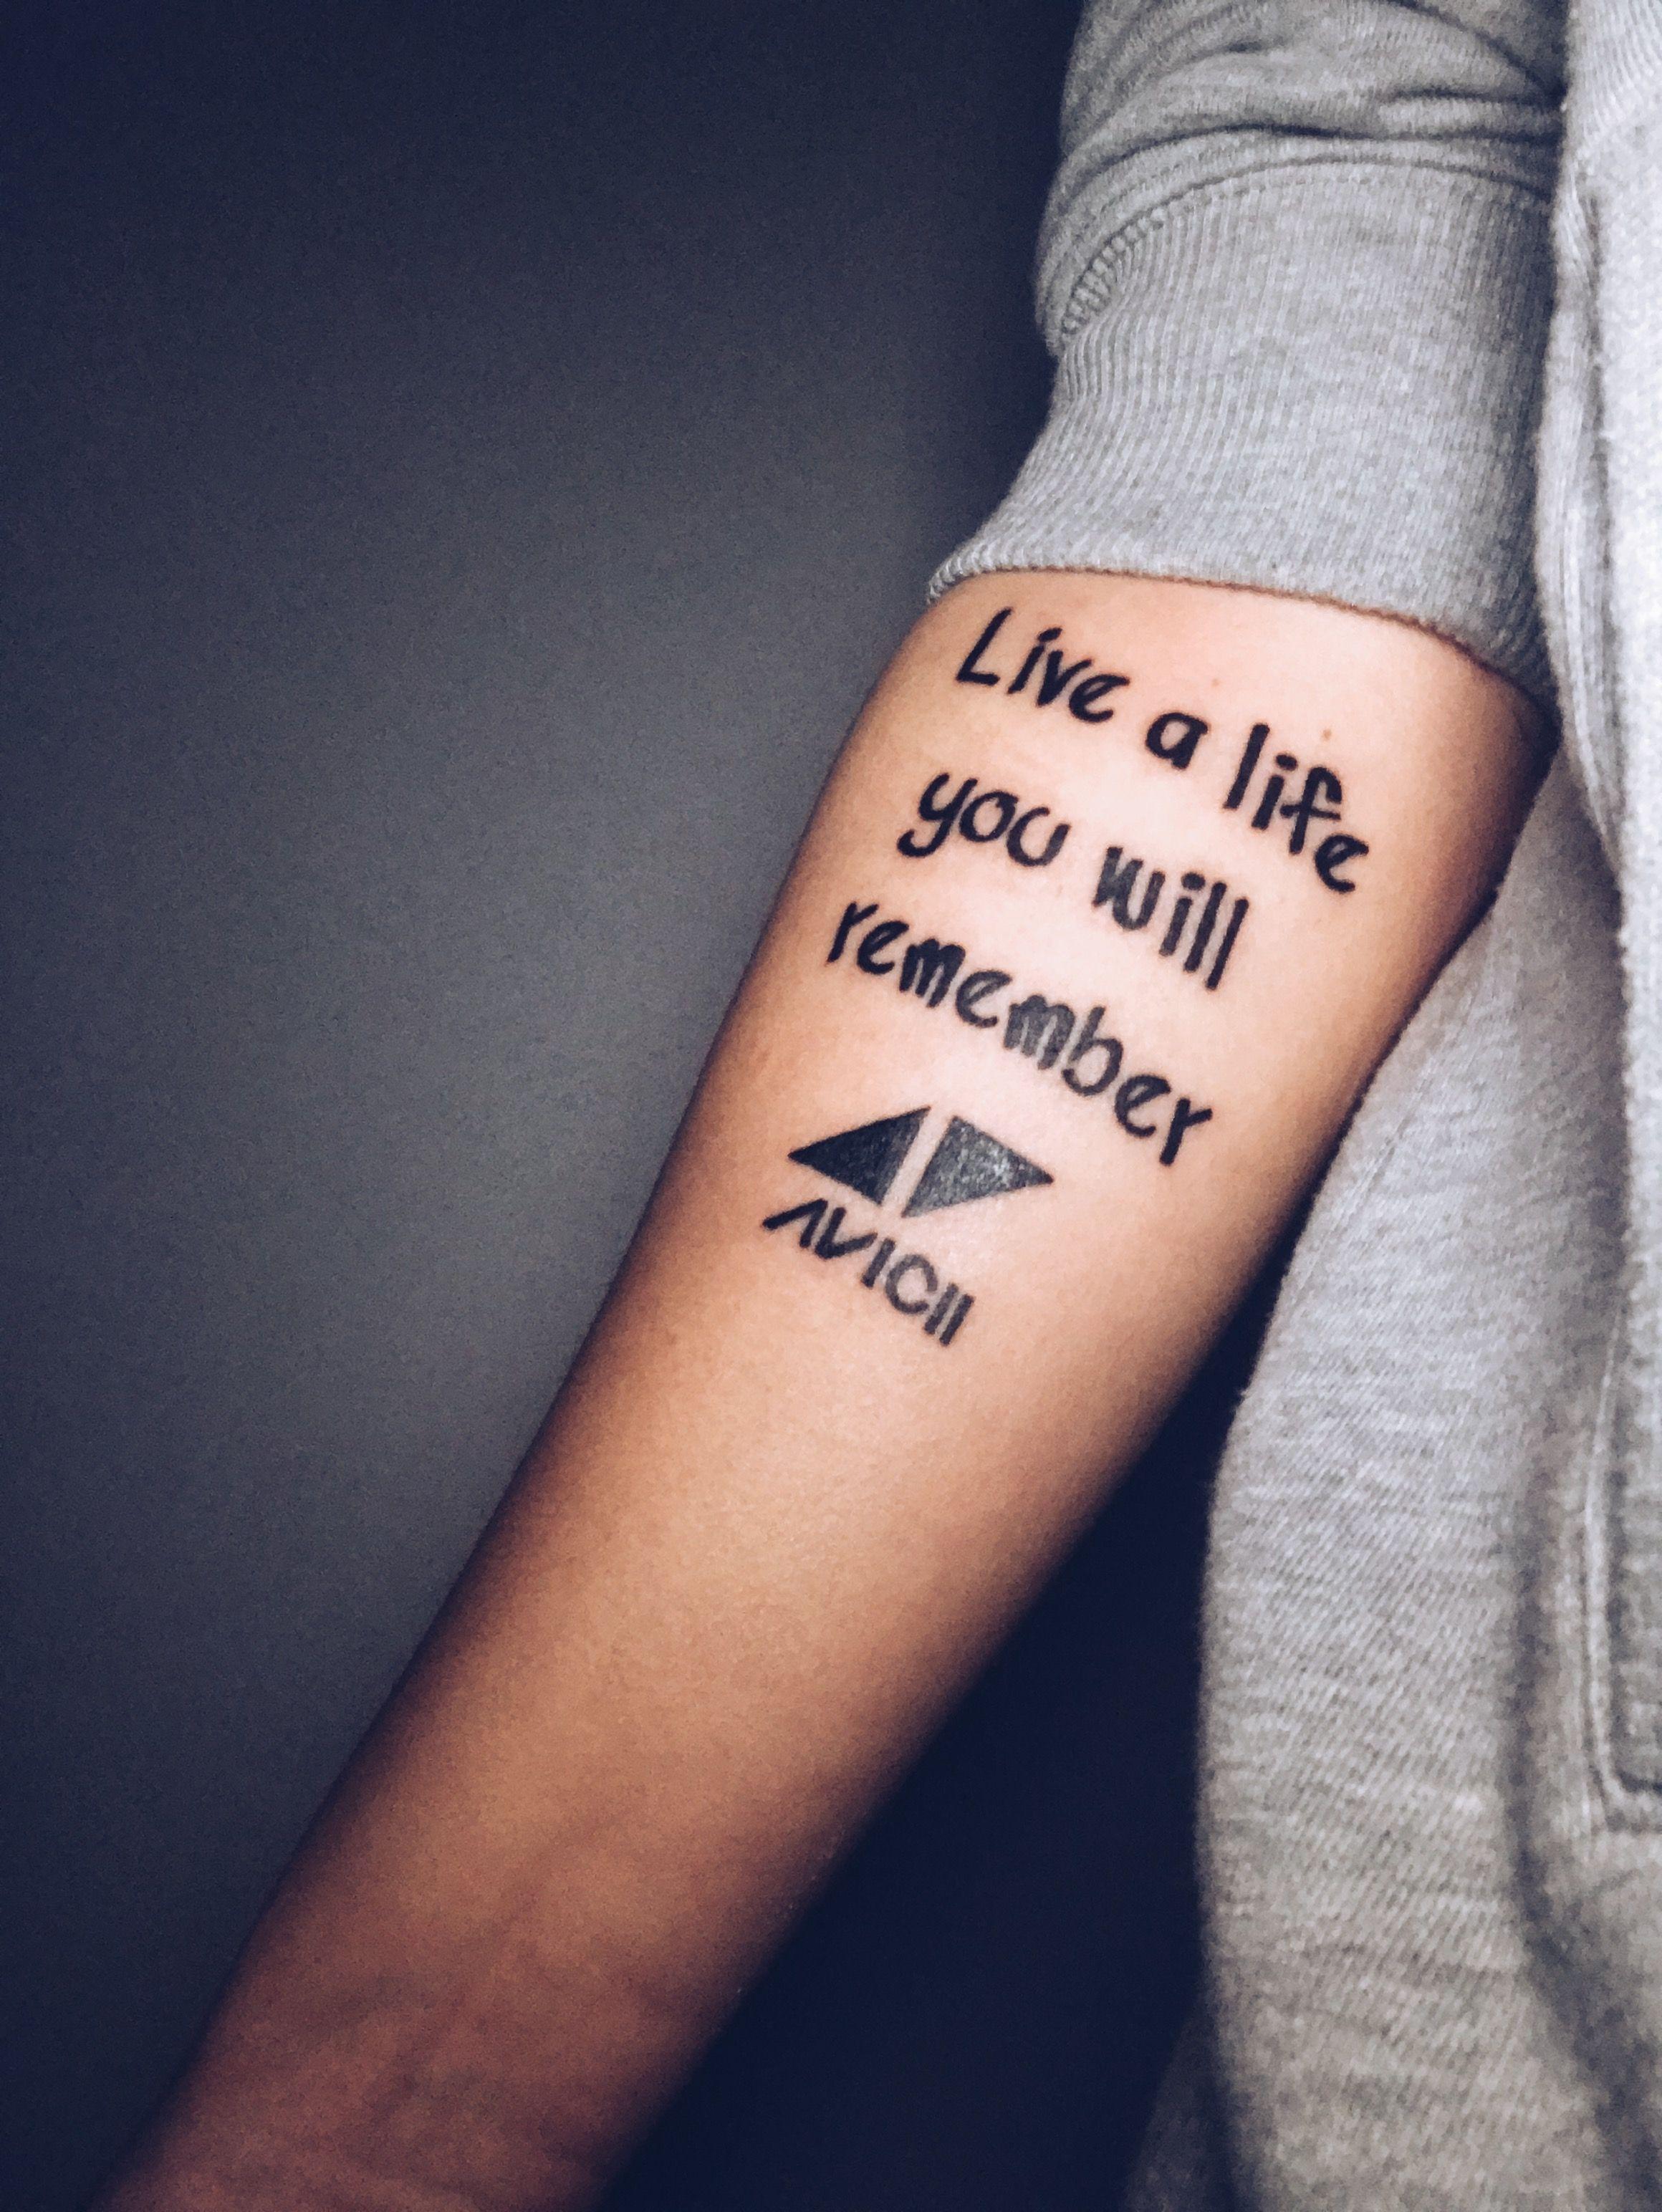 Avicii Tattoo Avicii Tattoo Edm Tattoo Music Tattoos